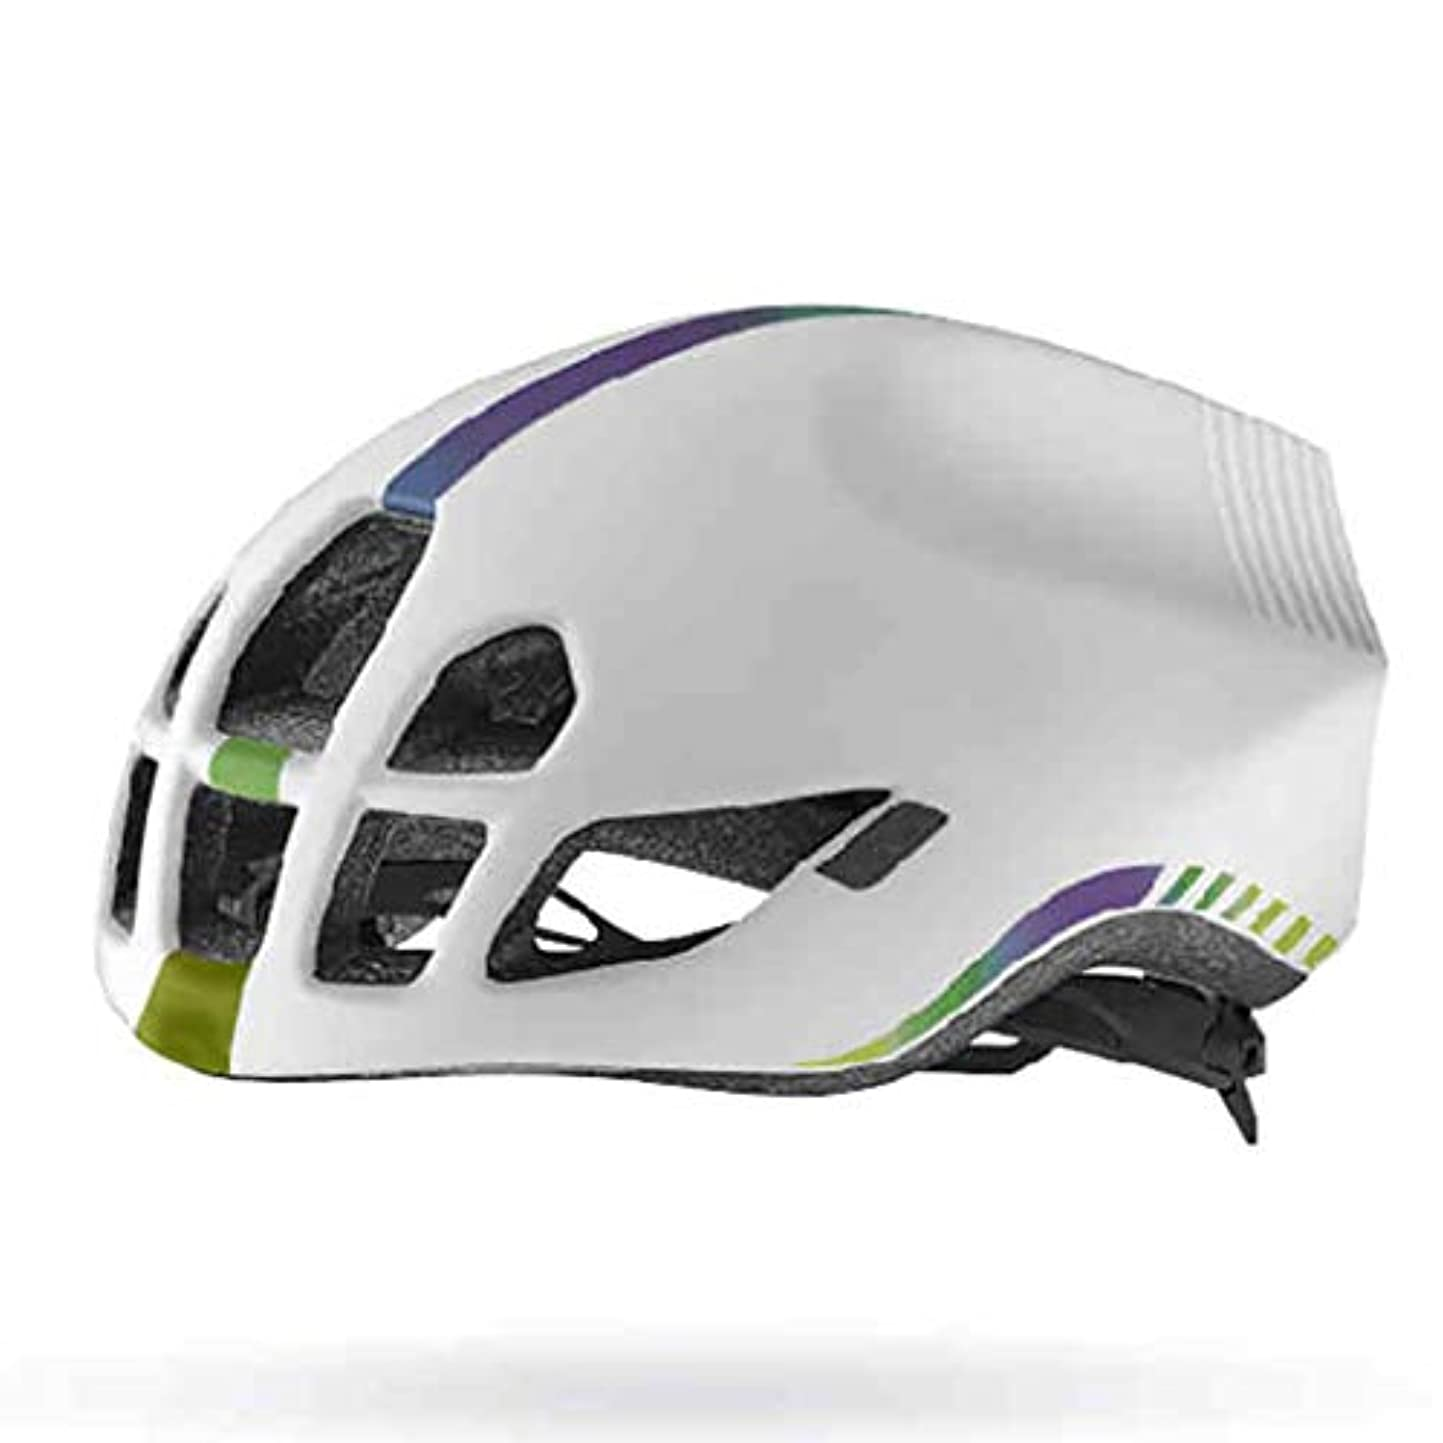 足首横に次マウンテンバイクヘルメット、サイクルヘルメット、レディーススポーツ安全用ヘルメット (色 : 白, サイズ さいず : L l)